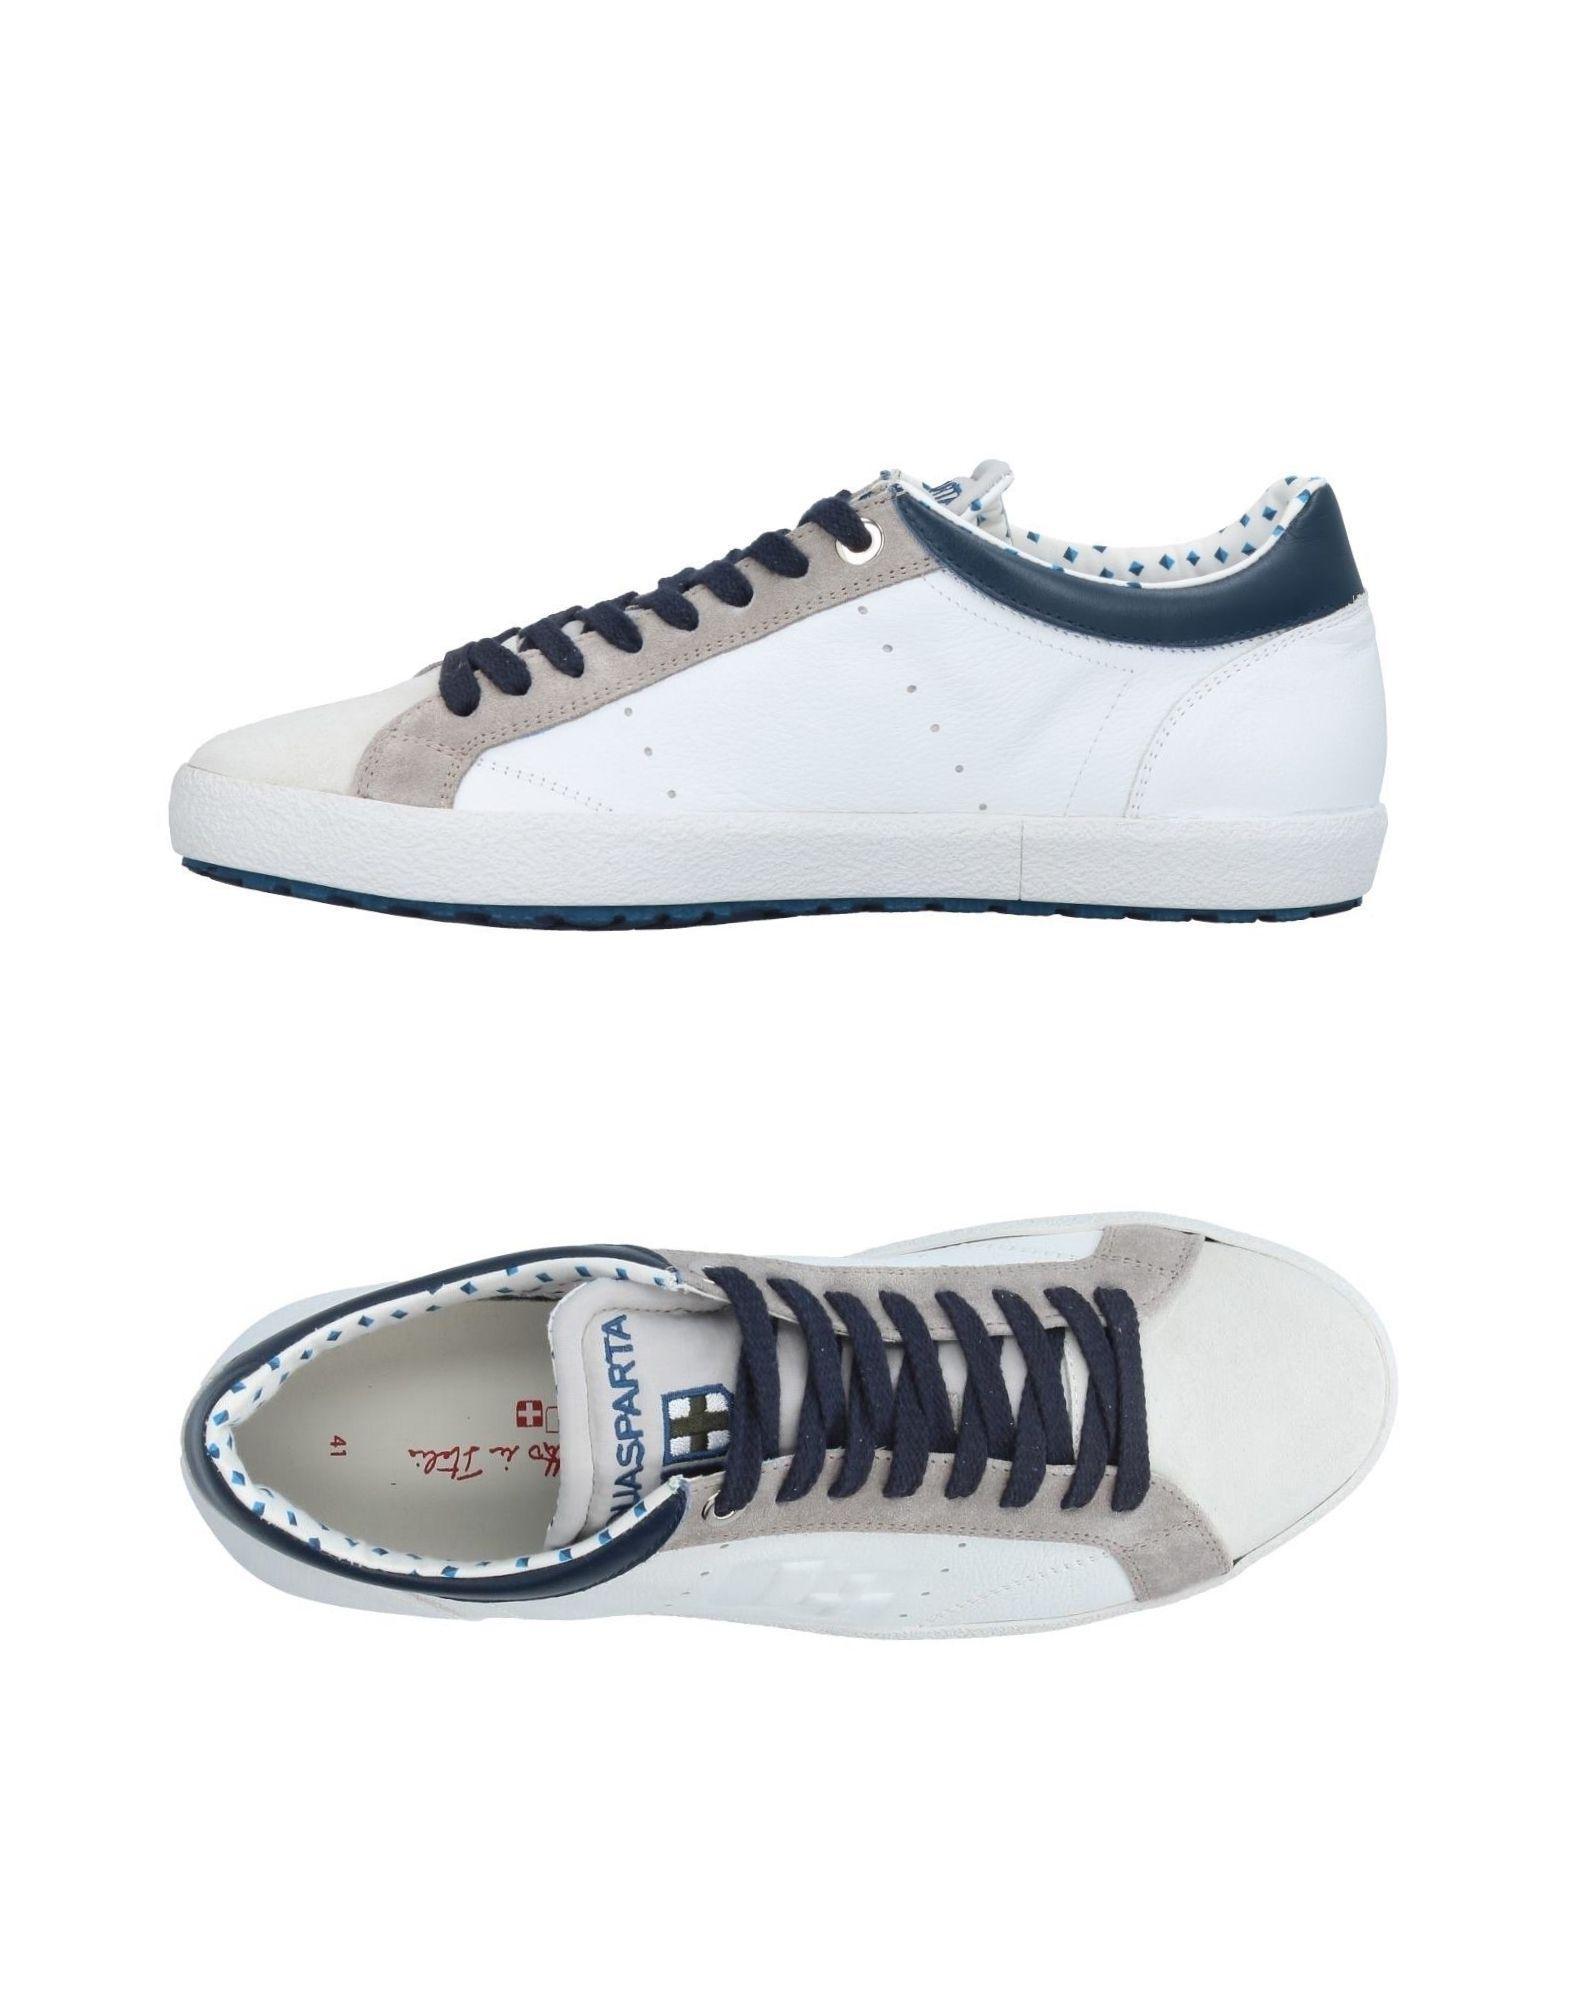 D'acquasparta Bas-tops Et Chaussures De Sport bvLbrcG